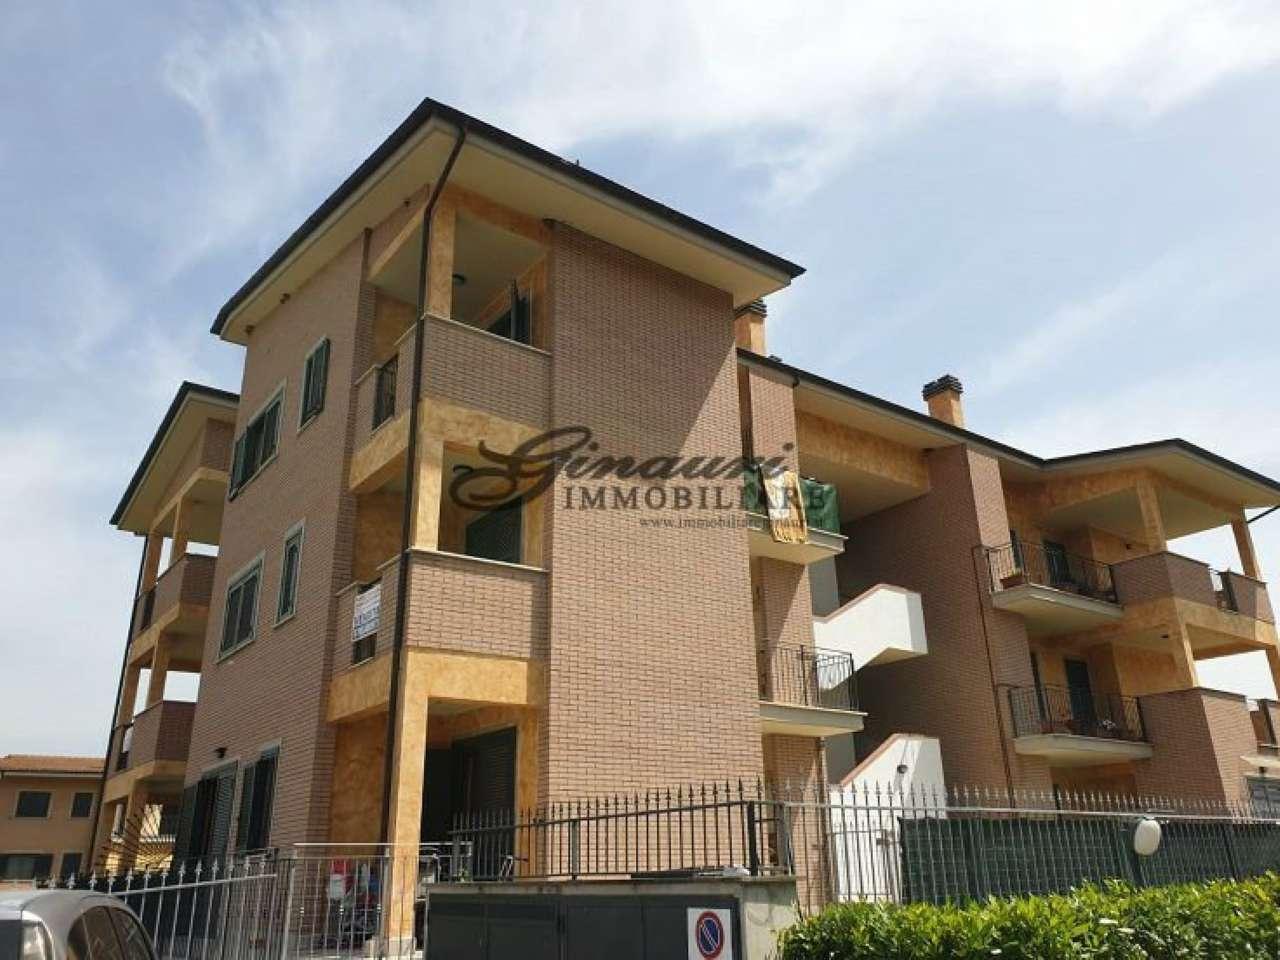 Appartamento in vendita a Poggio Mirteto, 3 locali, prezzo € 89.000 | PortaleAgenzieImmobiliari.it